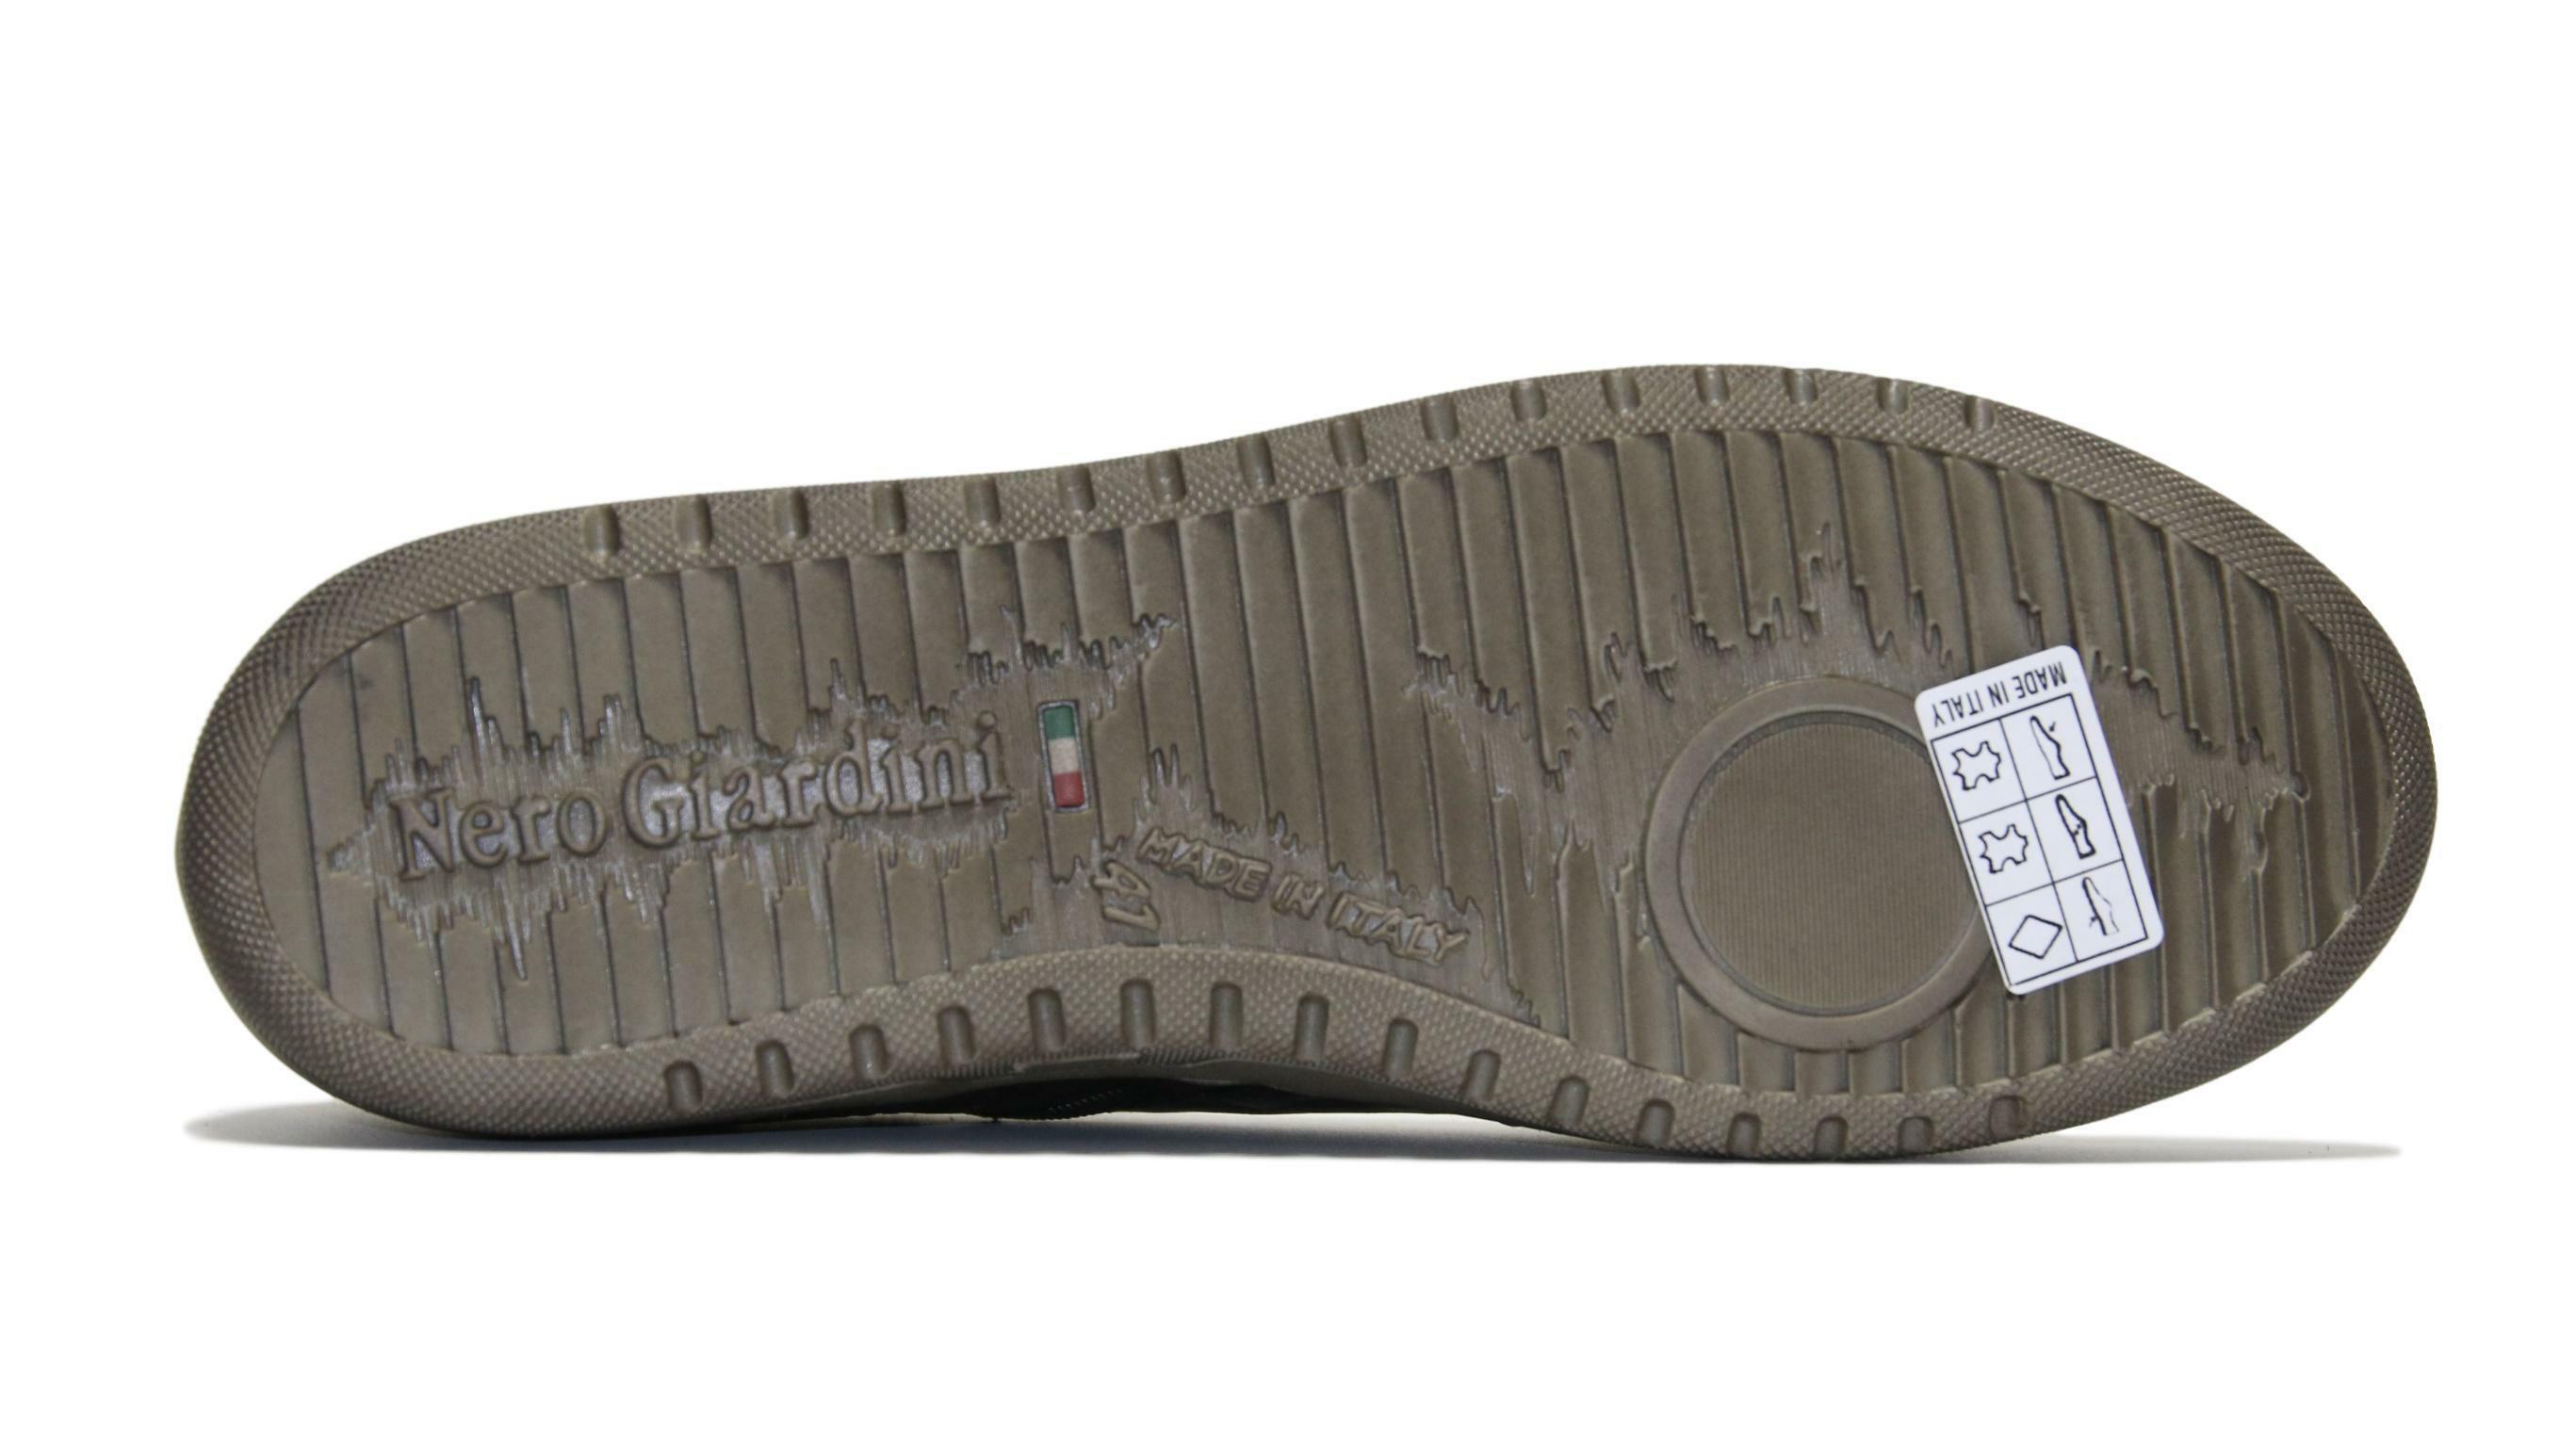 nero giardini sneakers uomo a901230u 300 marrone